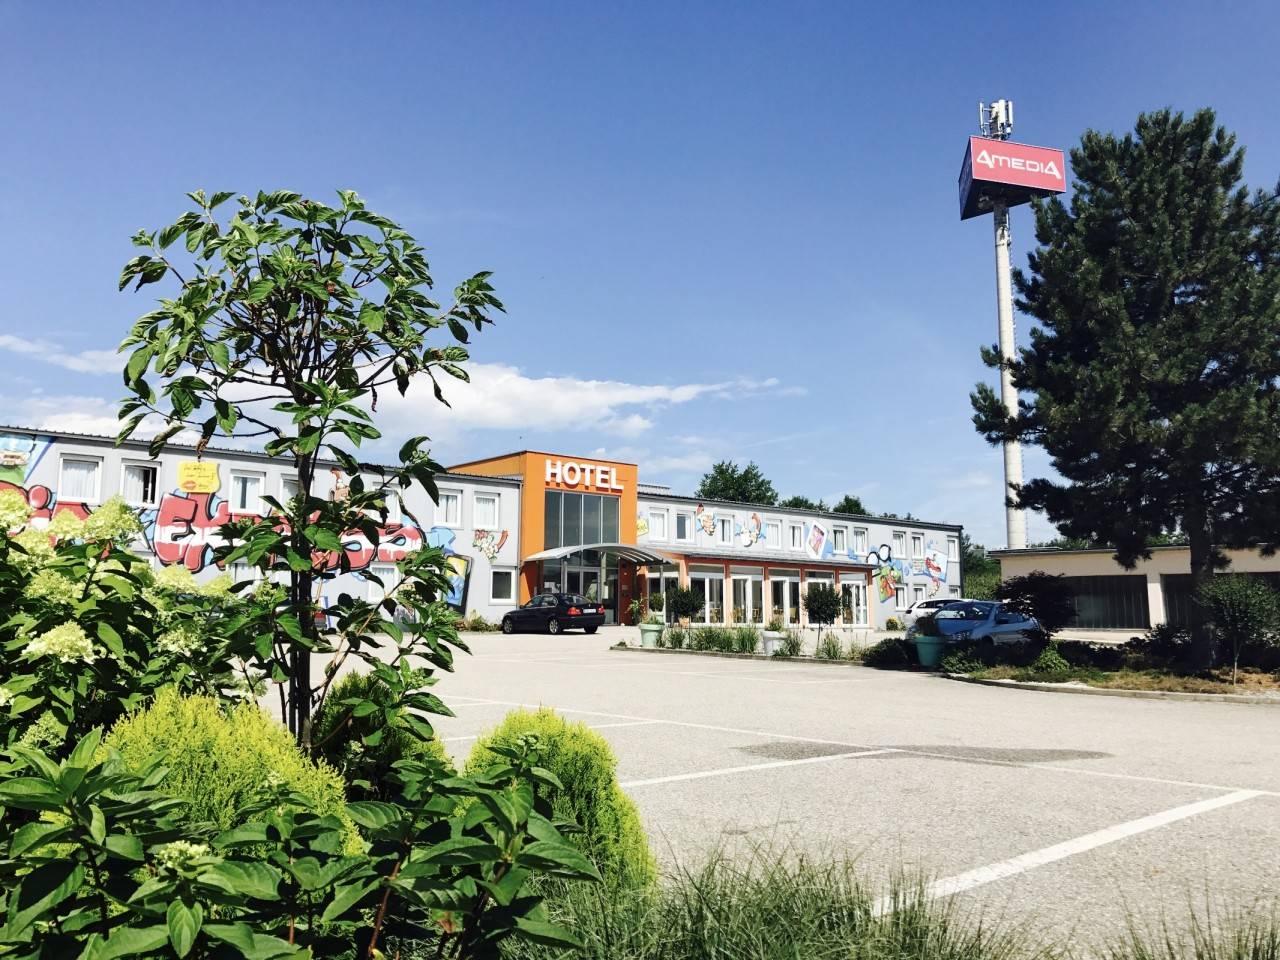 Reindl Massageinstitut - Sattledt - RiS-Kommunal - Startseite